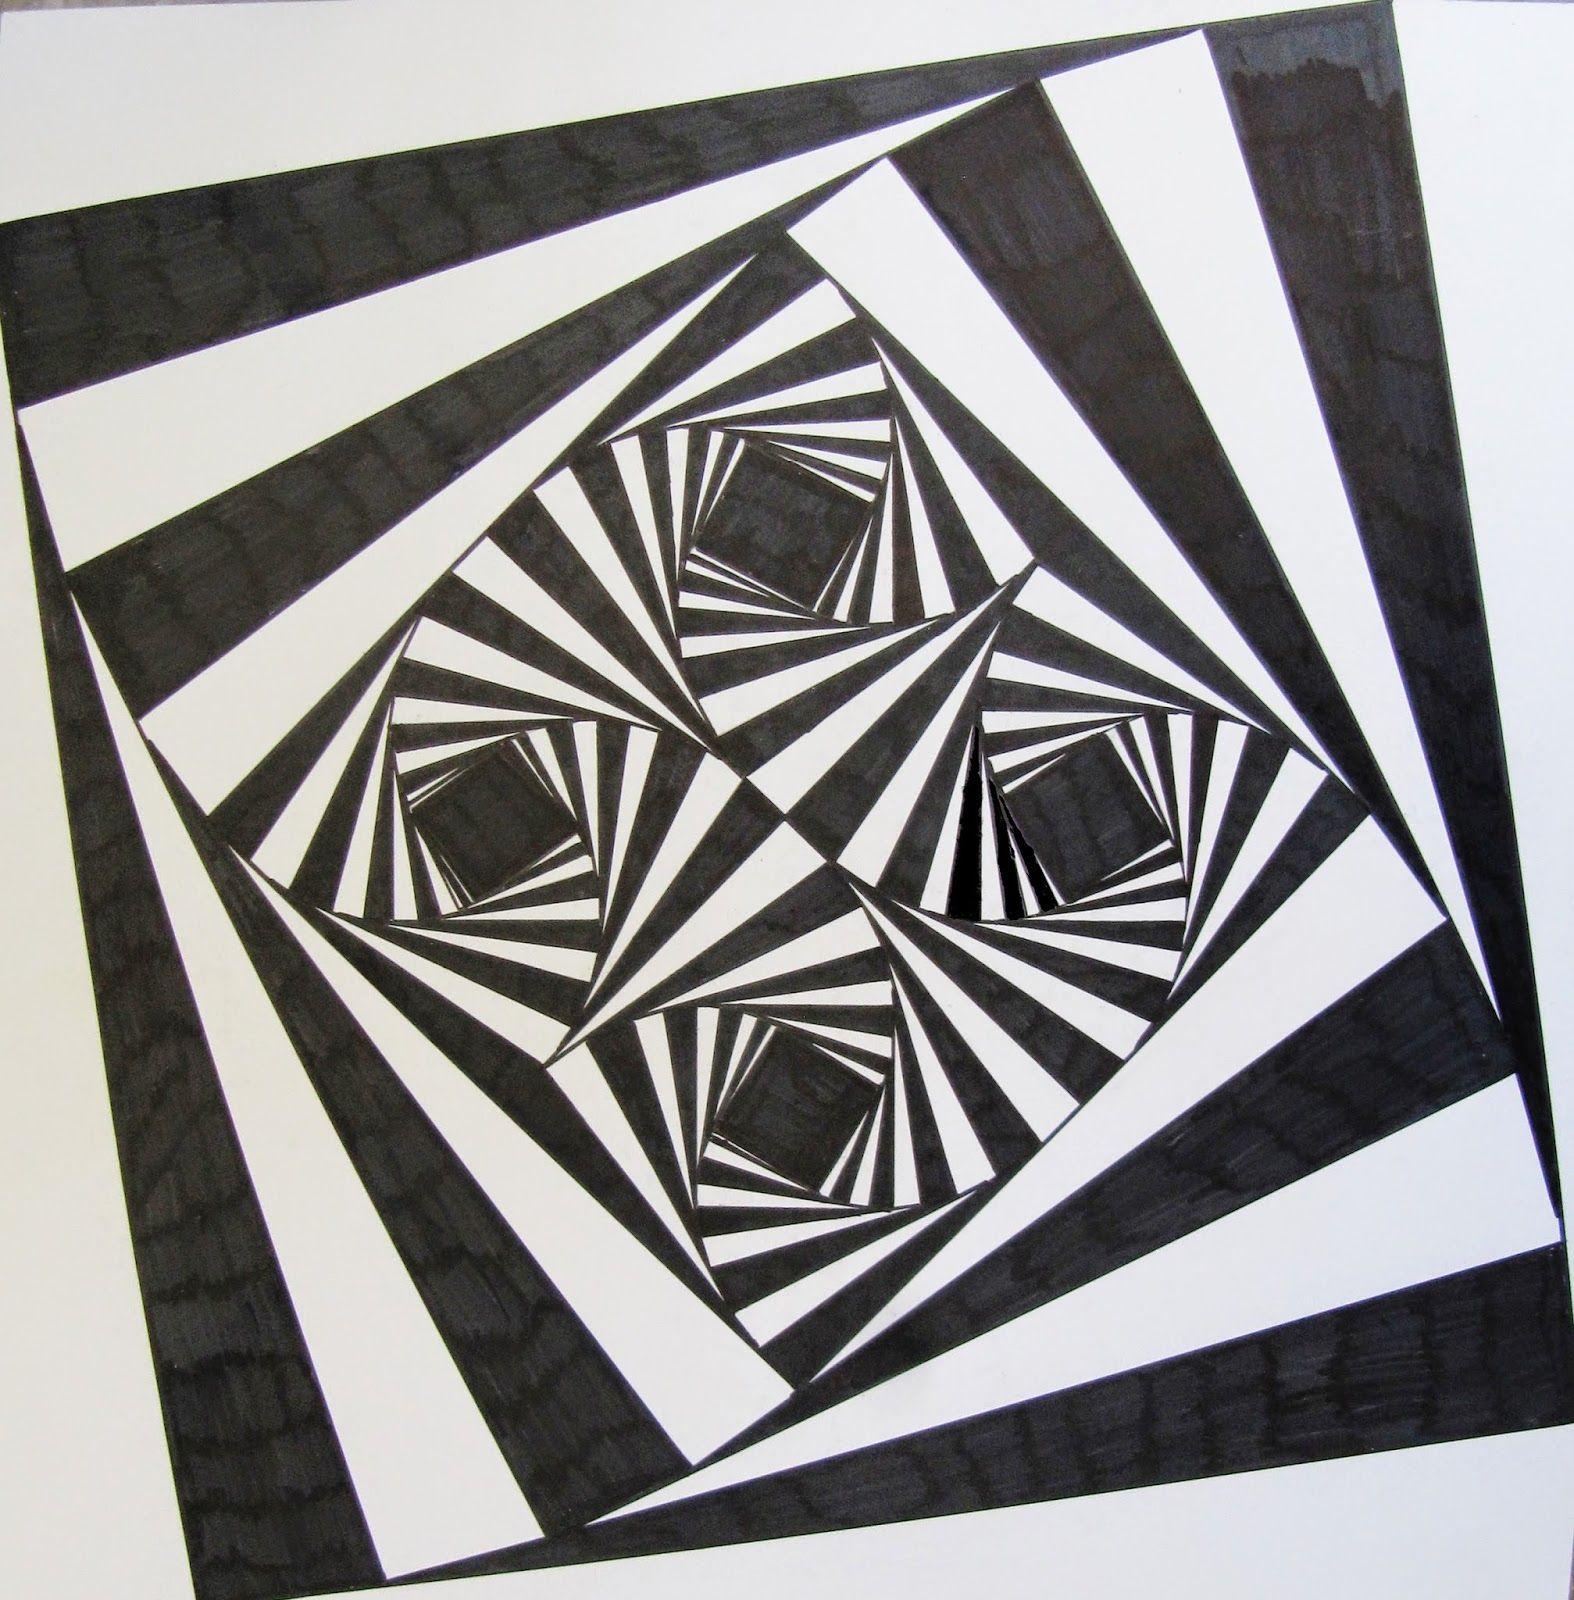 композиции геометрических рисунков фото пица плитка